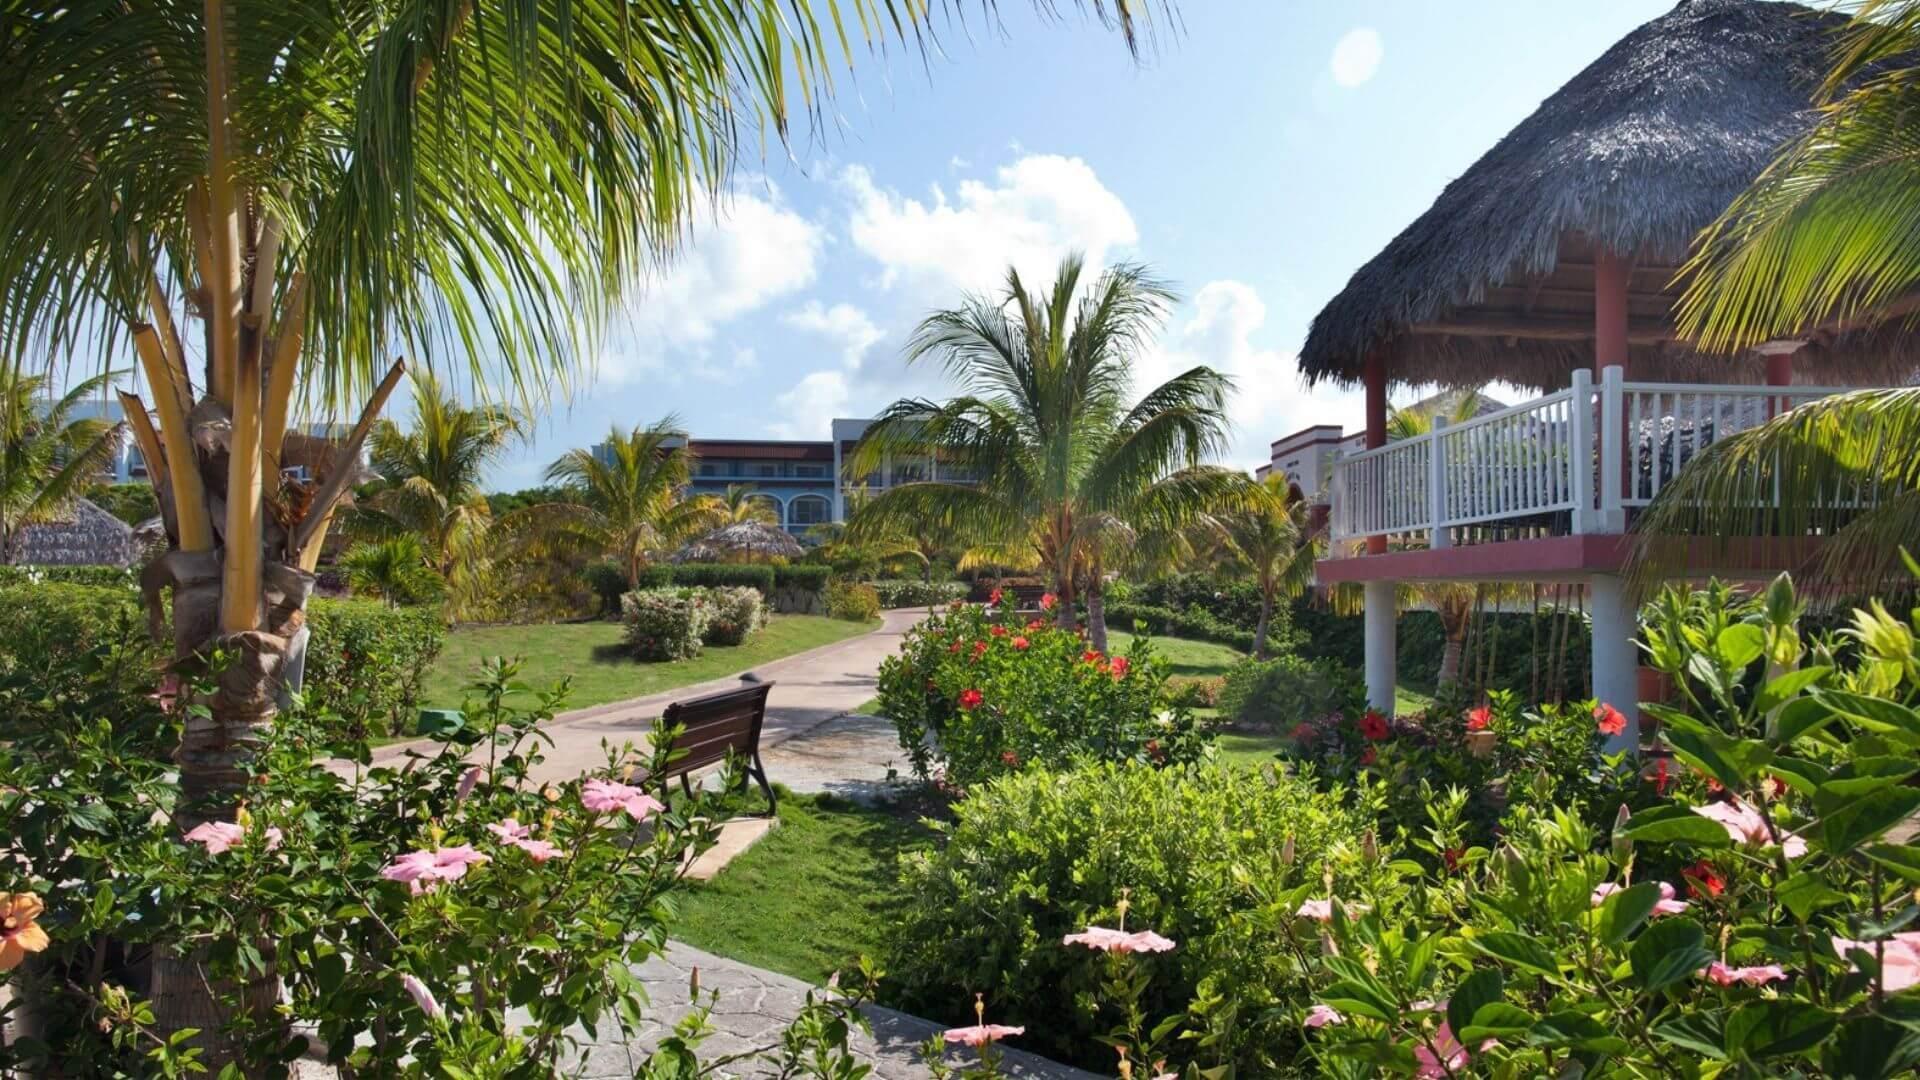 Pasivaikščiokite viešbučio teritorijoje tarp žaliuojančių tropinių augalų